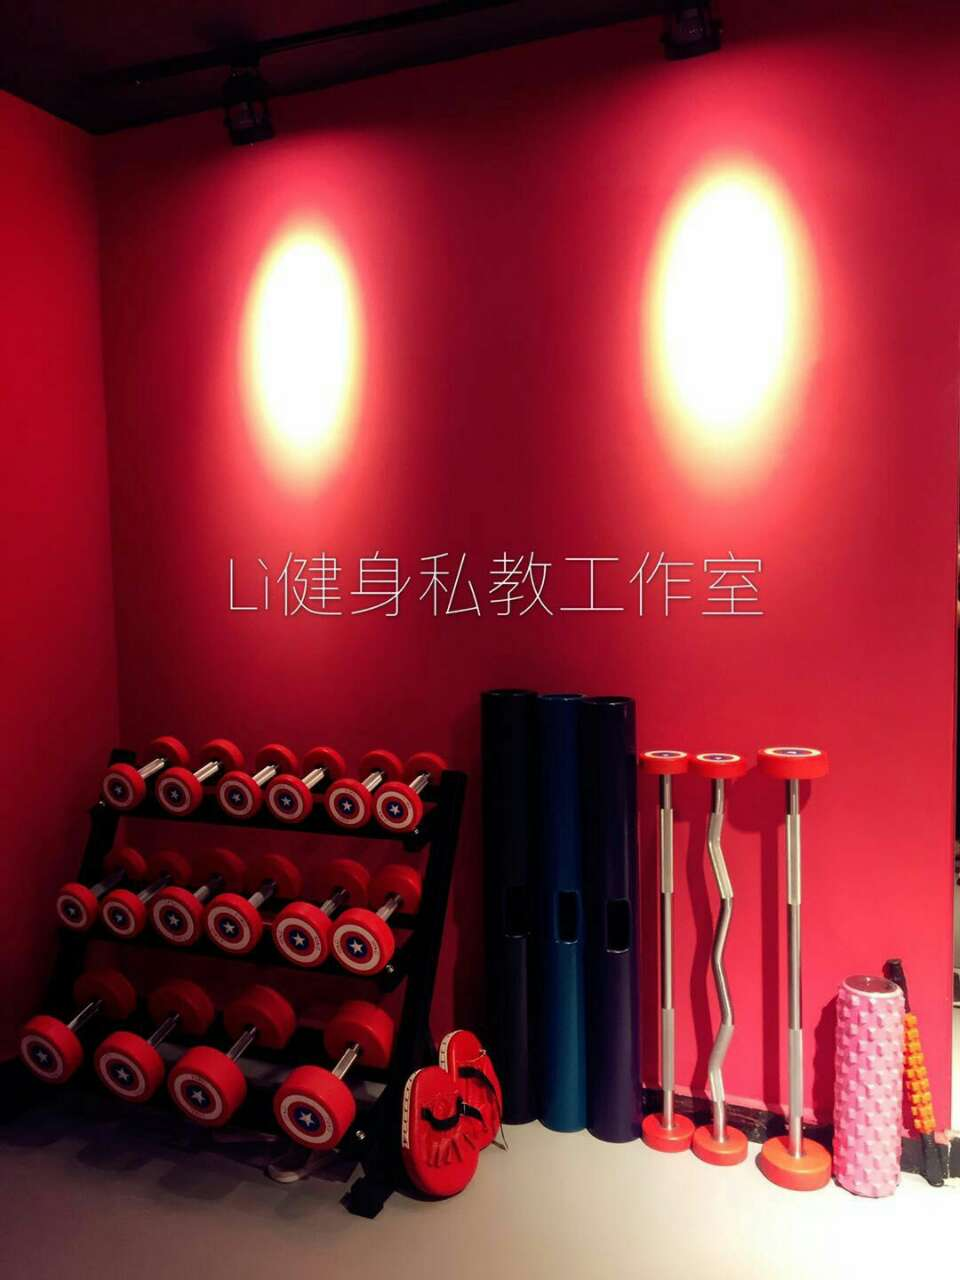 健身工作室招聘